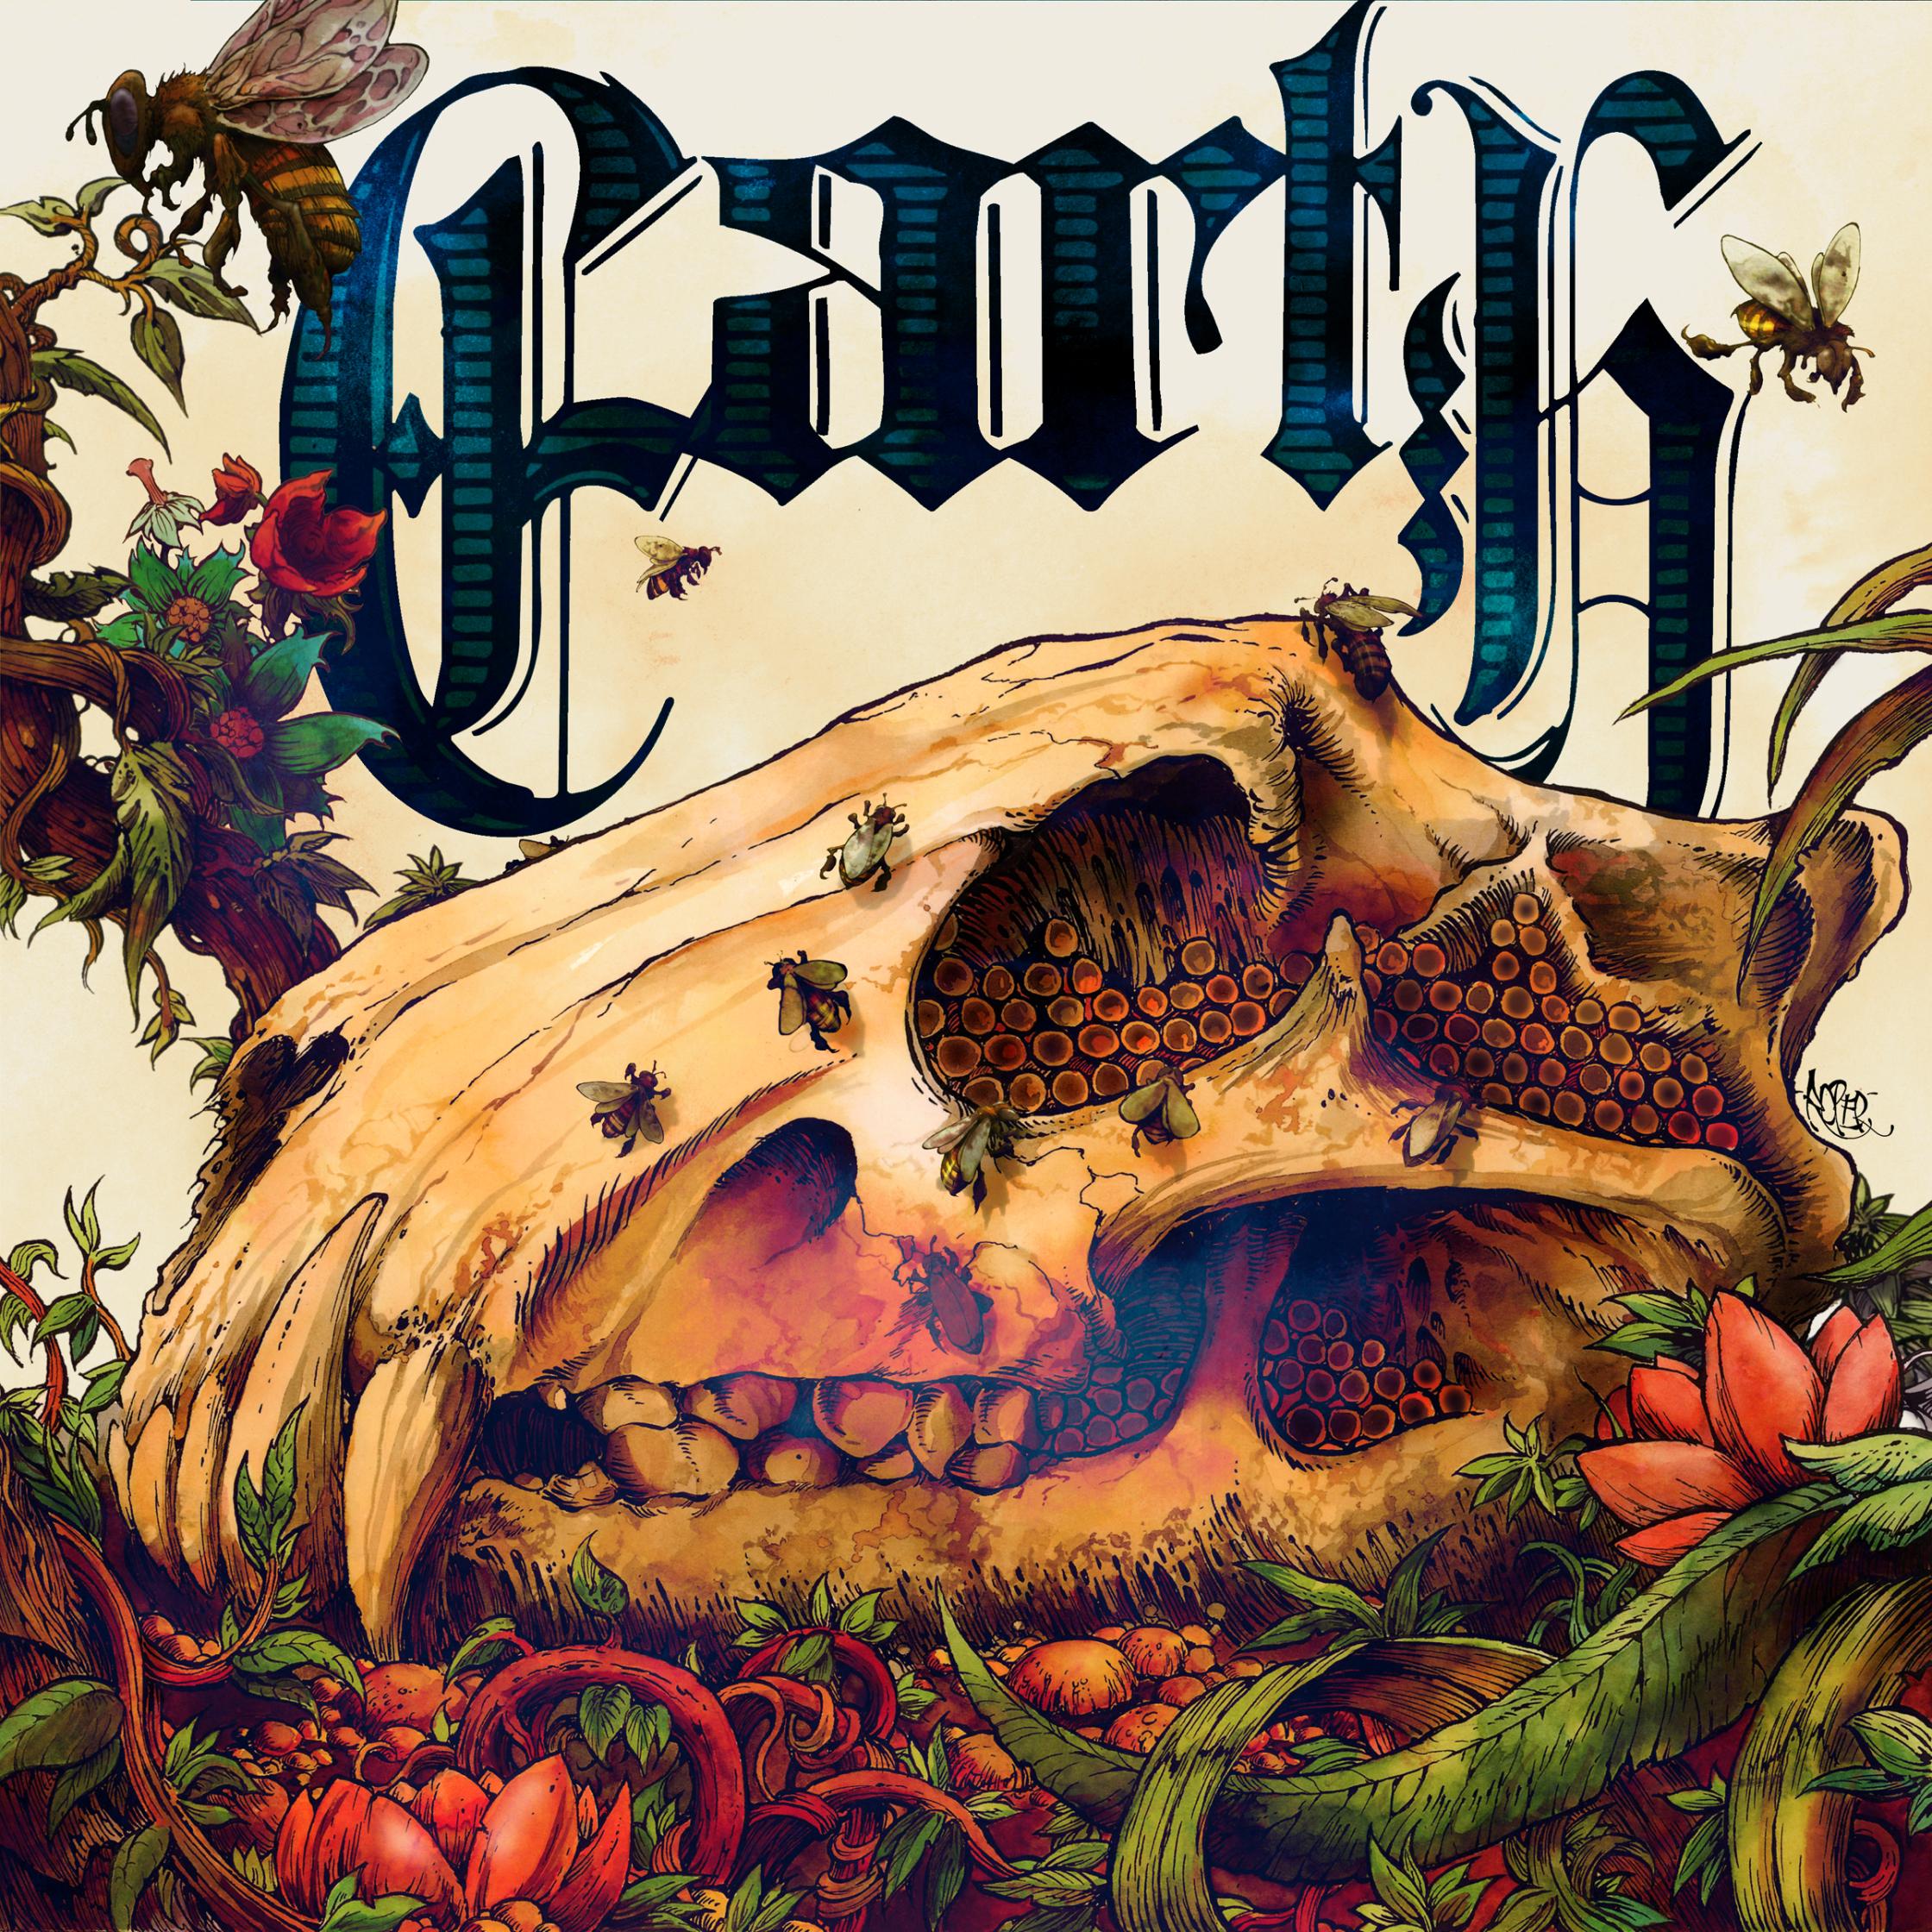 14-Earth.jpg